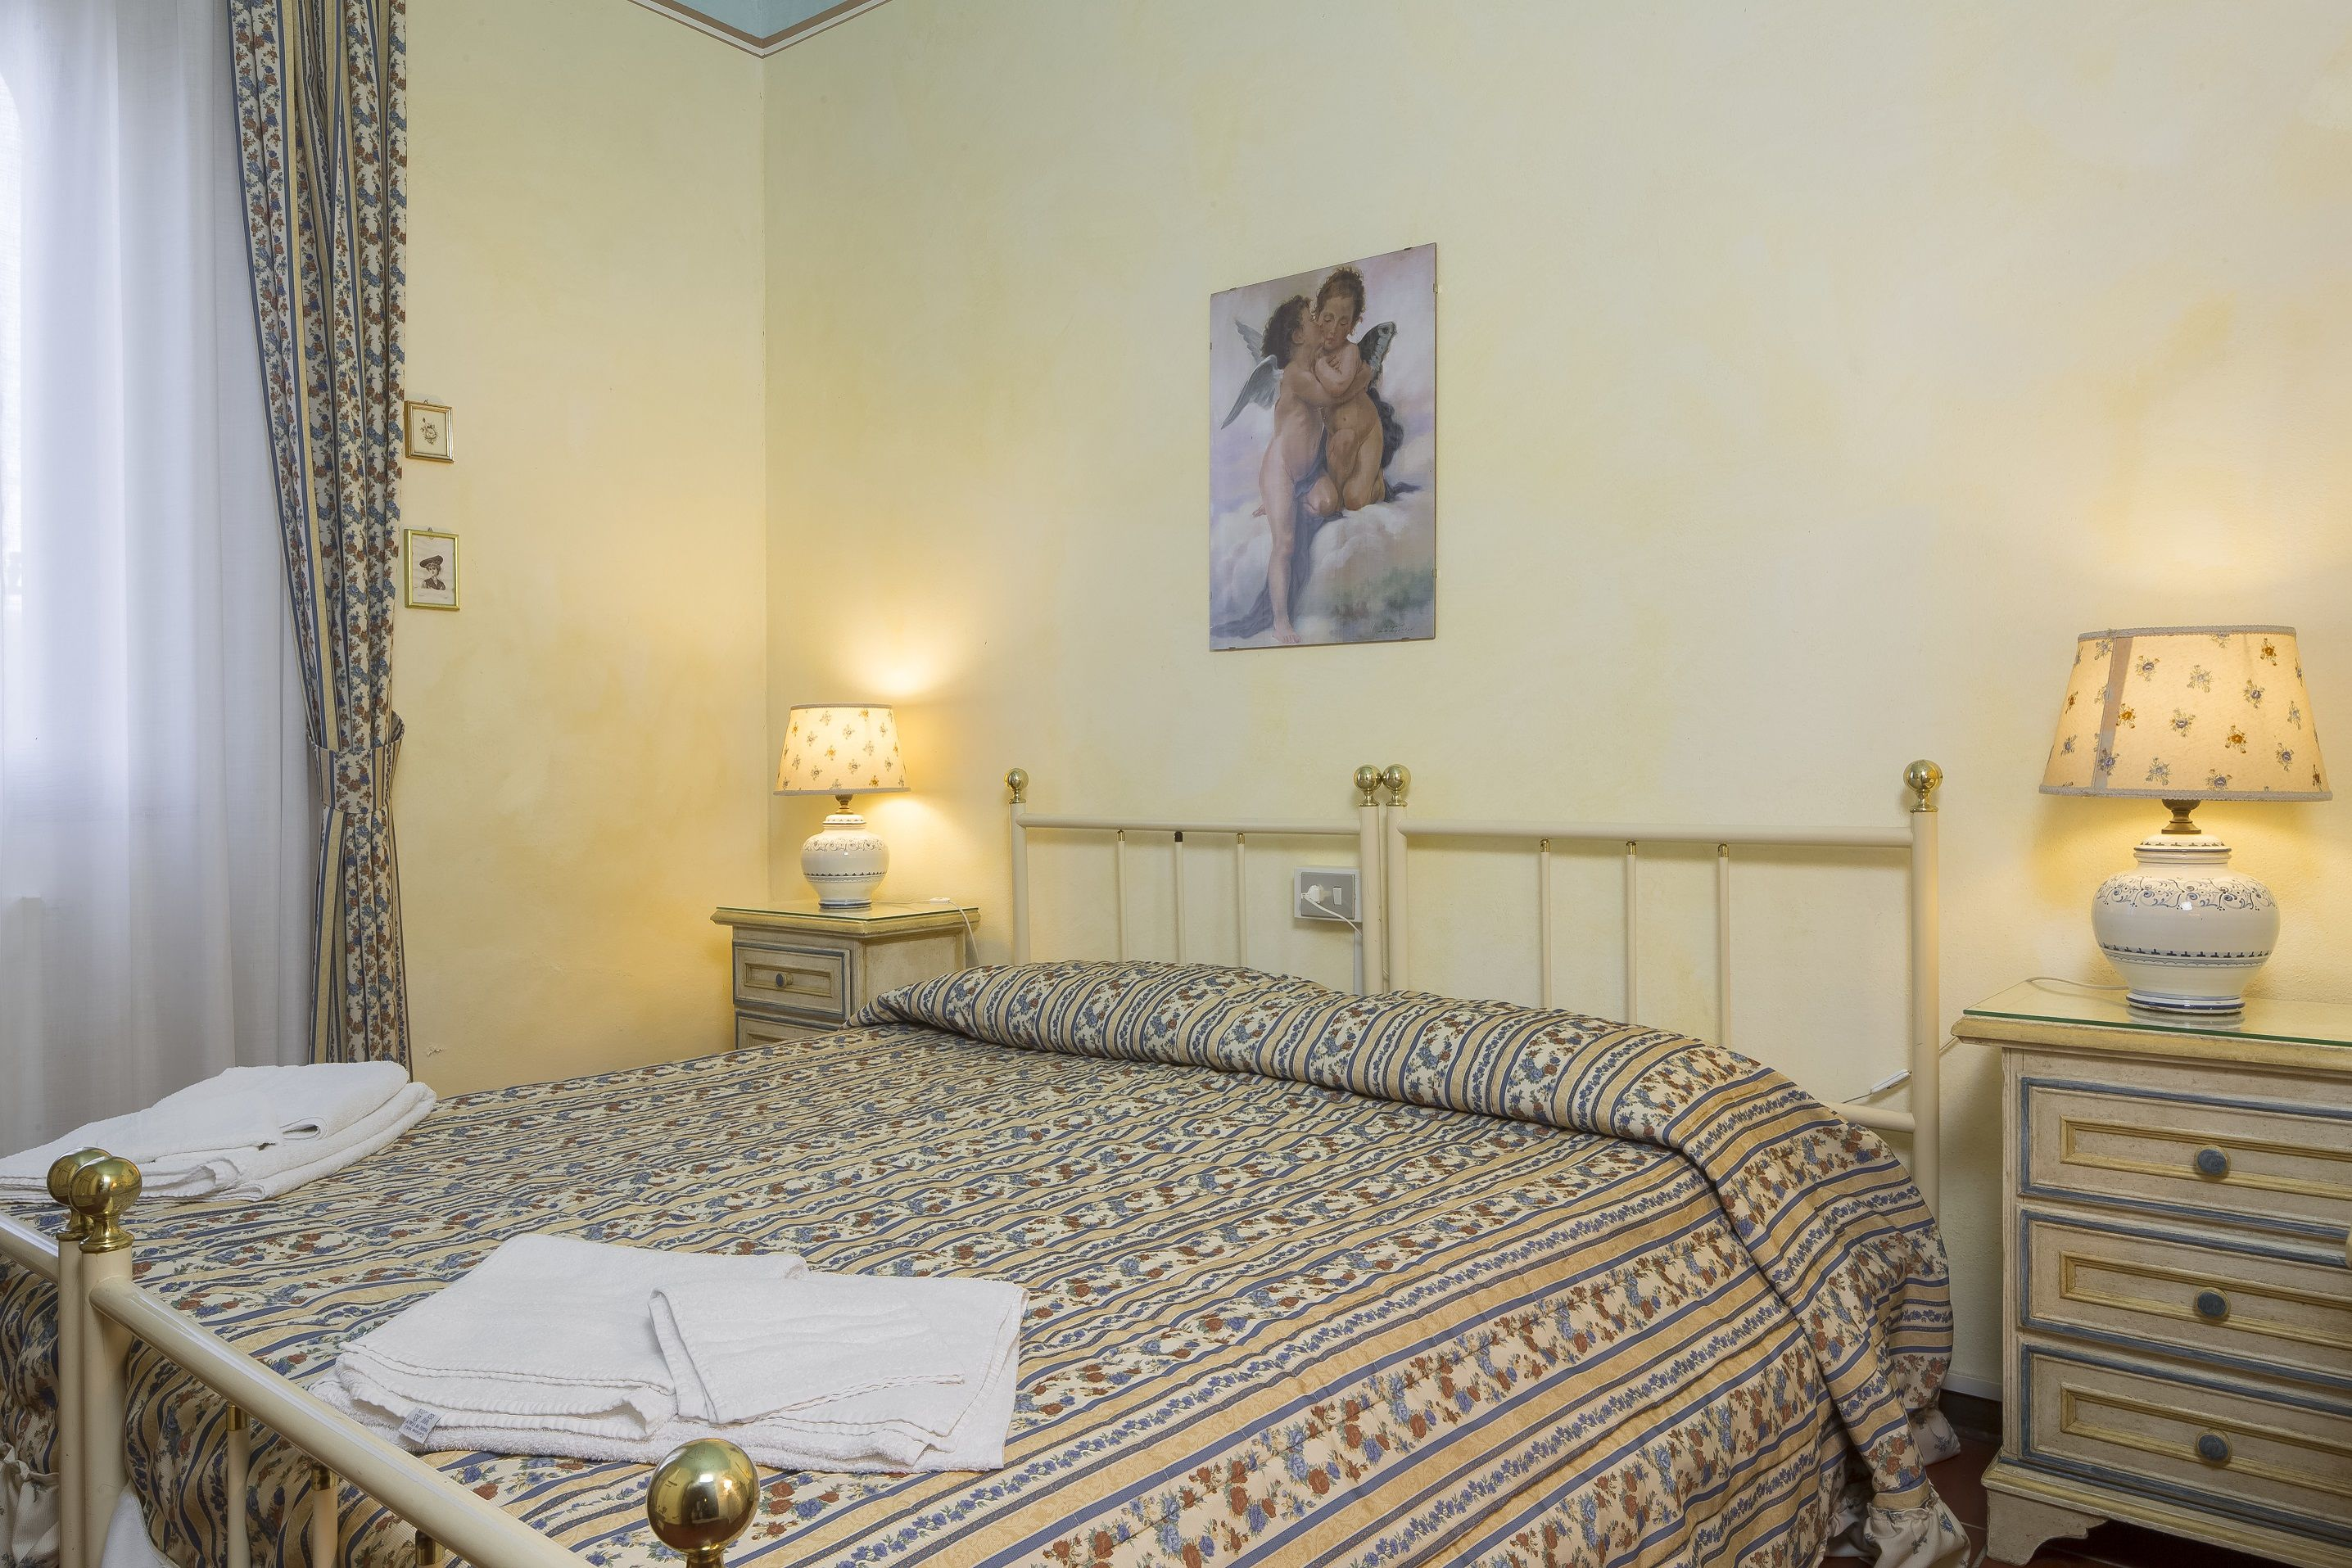 Apartment Bosco Lazzeroni Residence - Nabucco Holiday Home photo 17064541